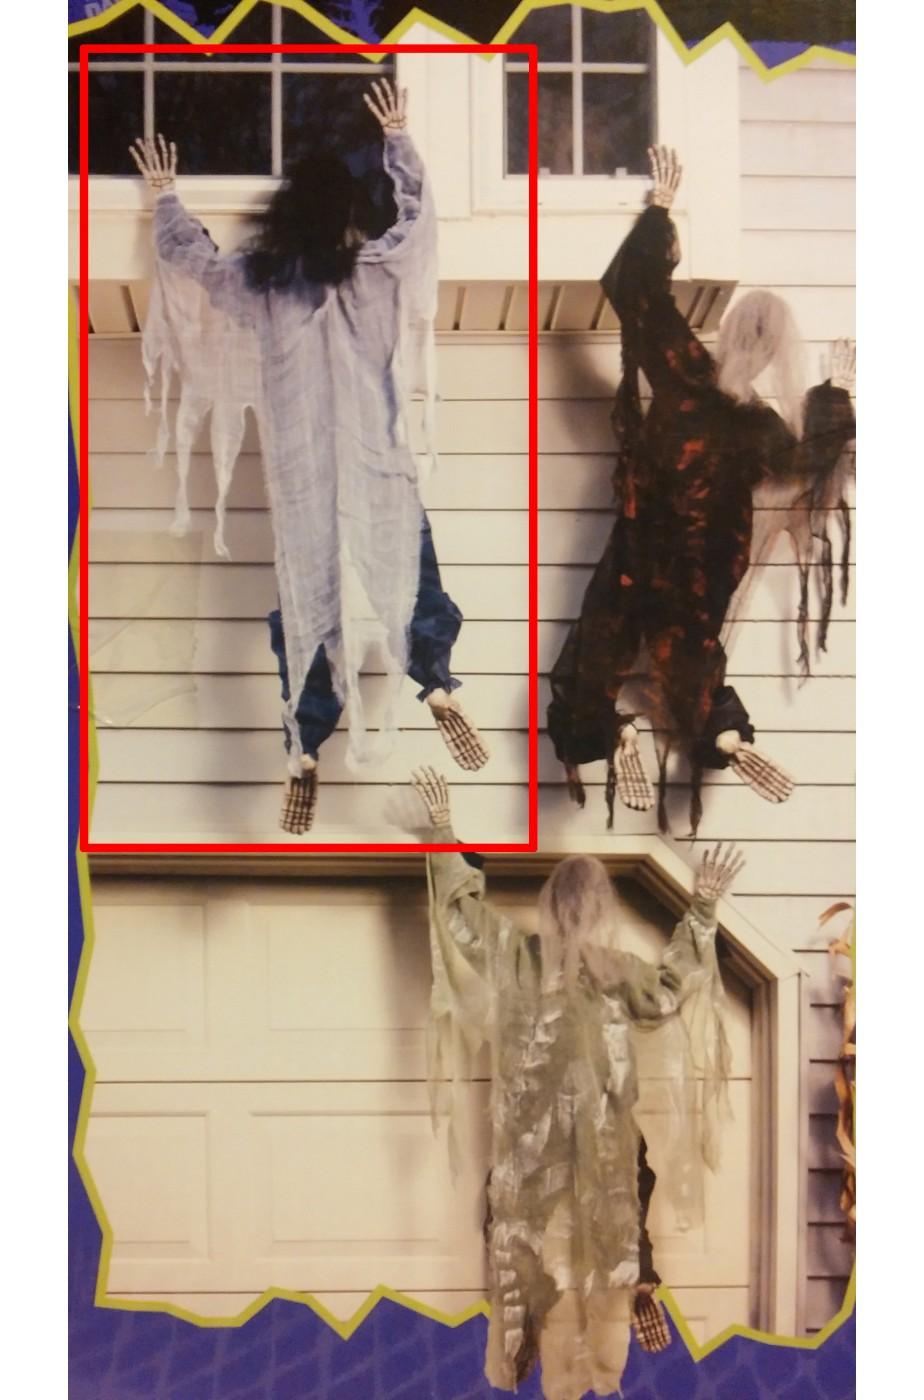 Decorazione da giardino Halloween zombie che scala la parete. Nero